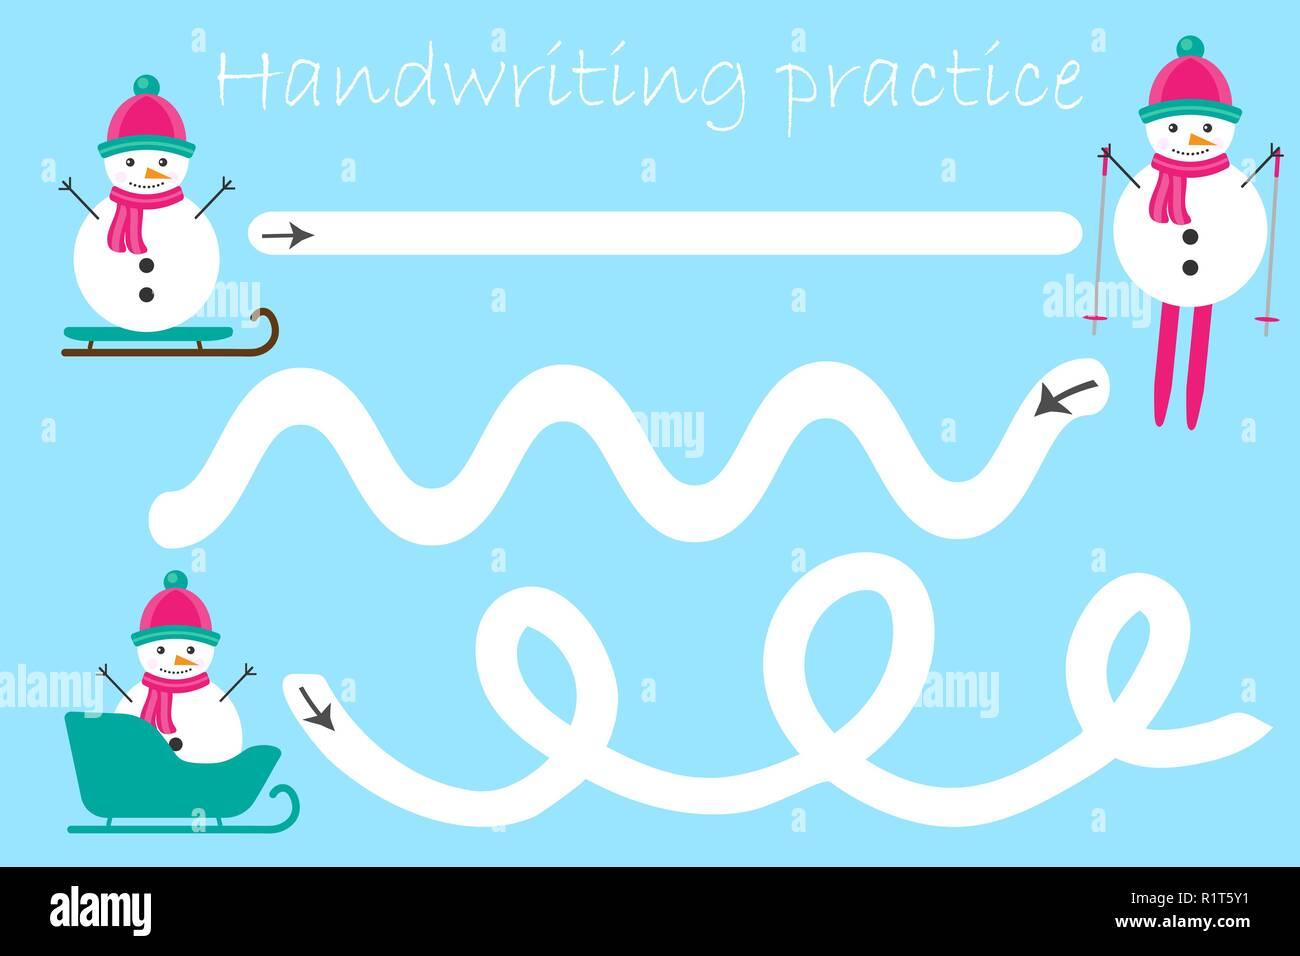 Handschrift Praxis Blatt Weihnachten Thema Schneemänner Kinder Im